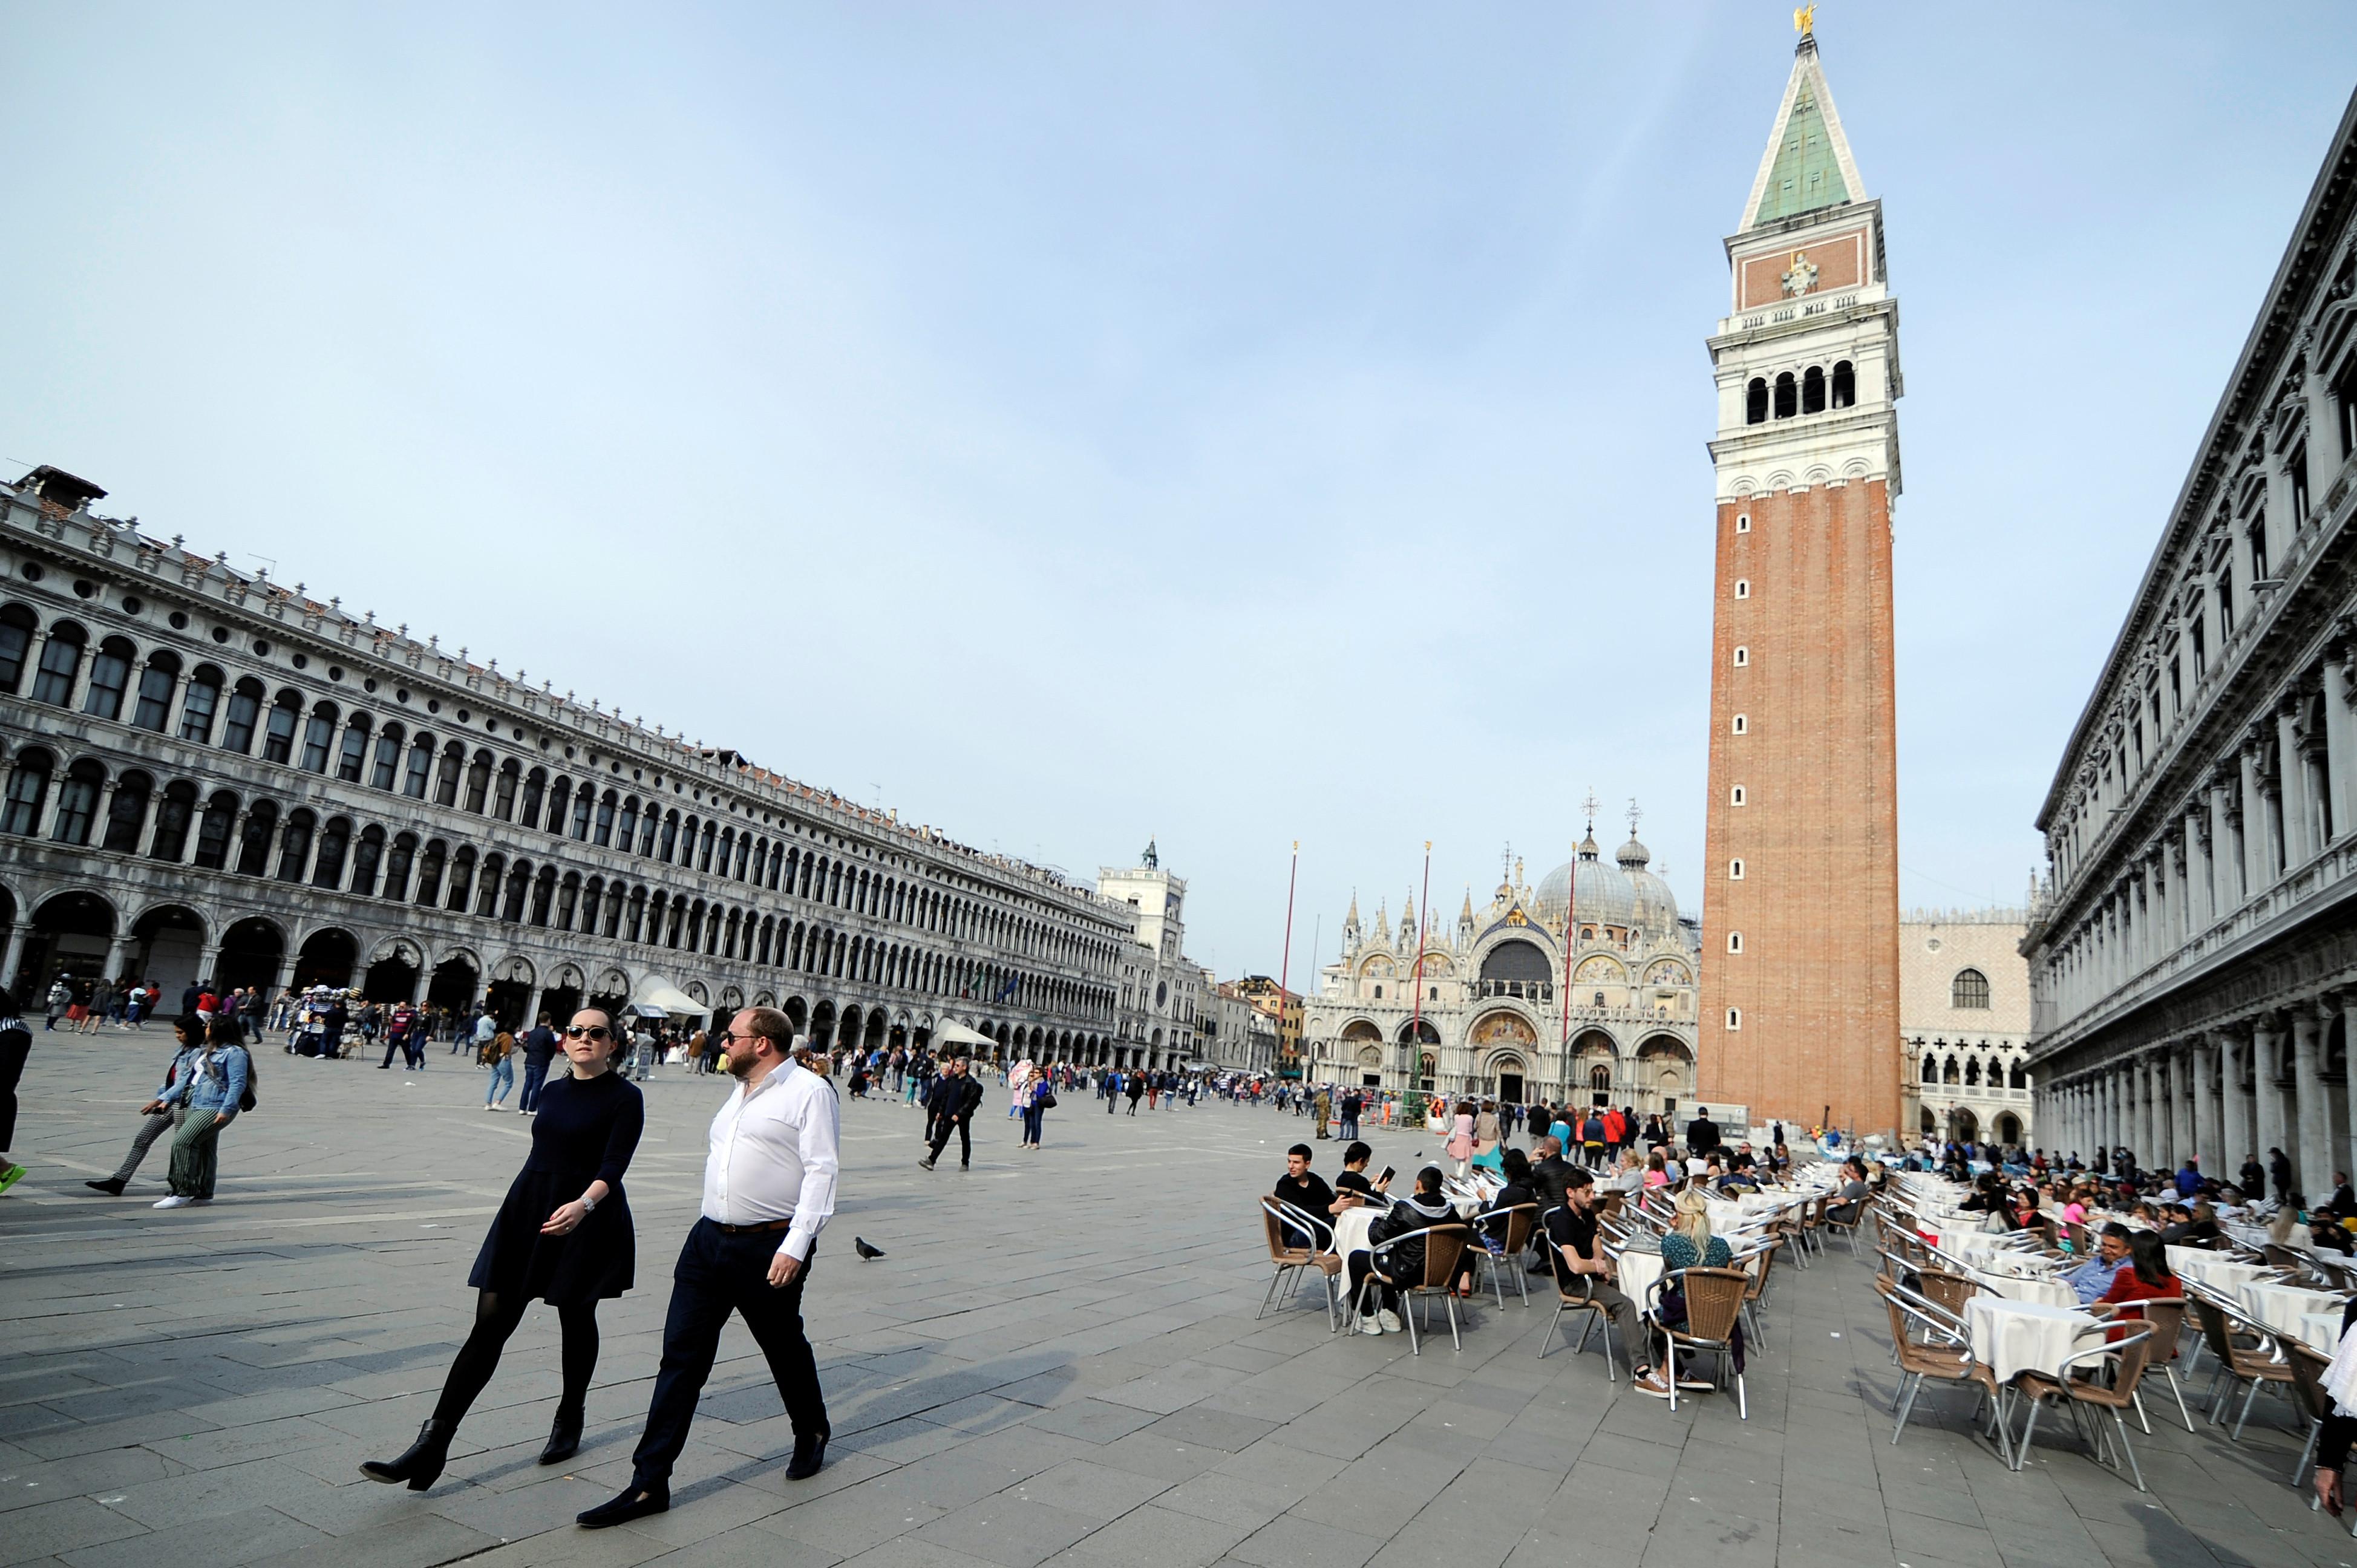 Tourist walk in St.Mark's Square in Venice, Italy, April 2, 2019. REUTERS/Guglielmo Mangiapane